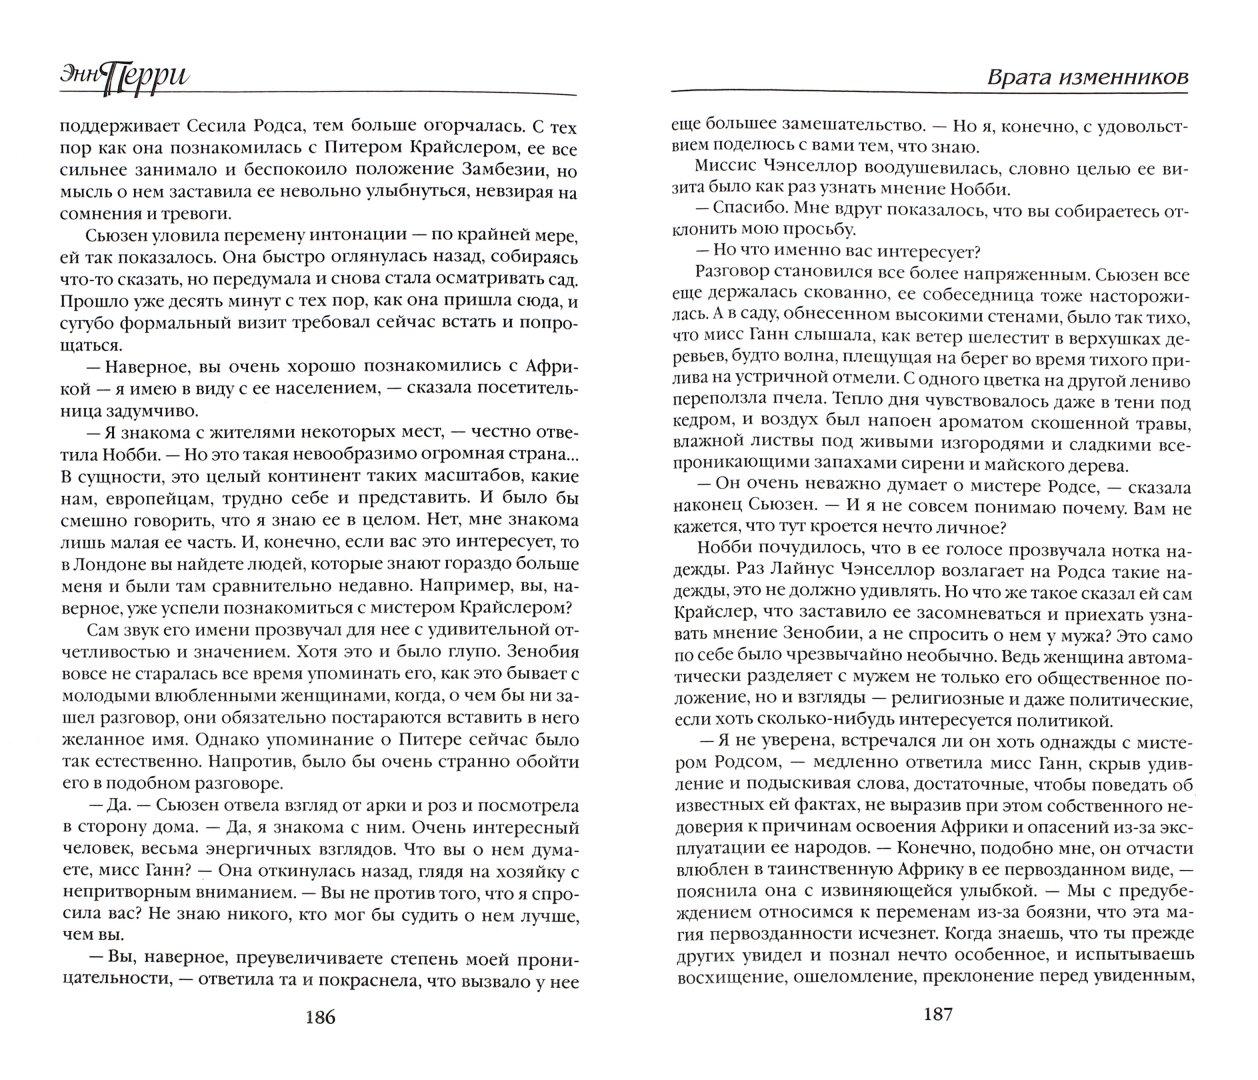 Иллюстрация 1 из 8 для Врата изменников - Энн Перри | Лабиринт - книги. Источник: Лабиринт